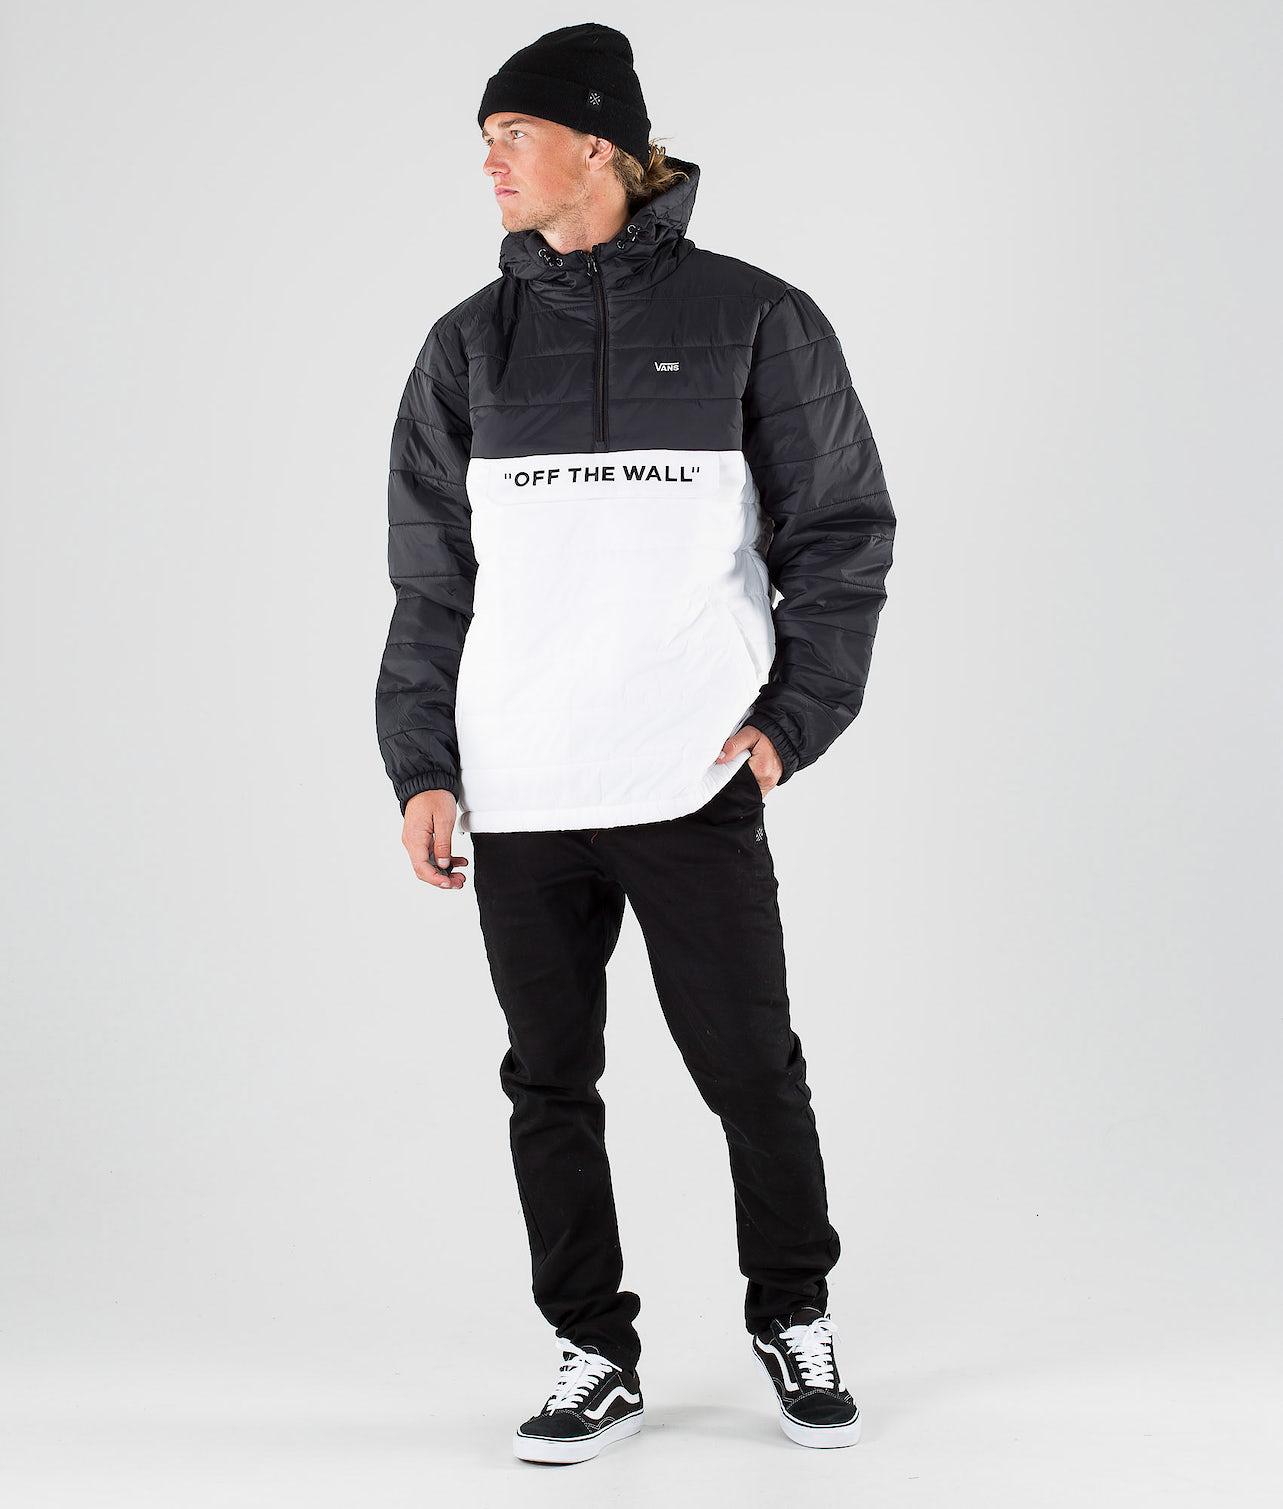 Kjøp Carlon Anorak Puffer Jakke fra Vans på Ridestore.no - Hos oss har du alltid fri frakt, fri retur og 30 dagers åpent kjøp!